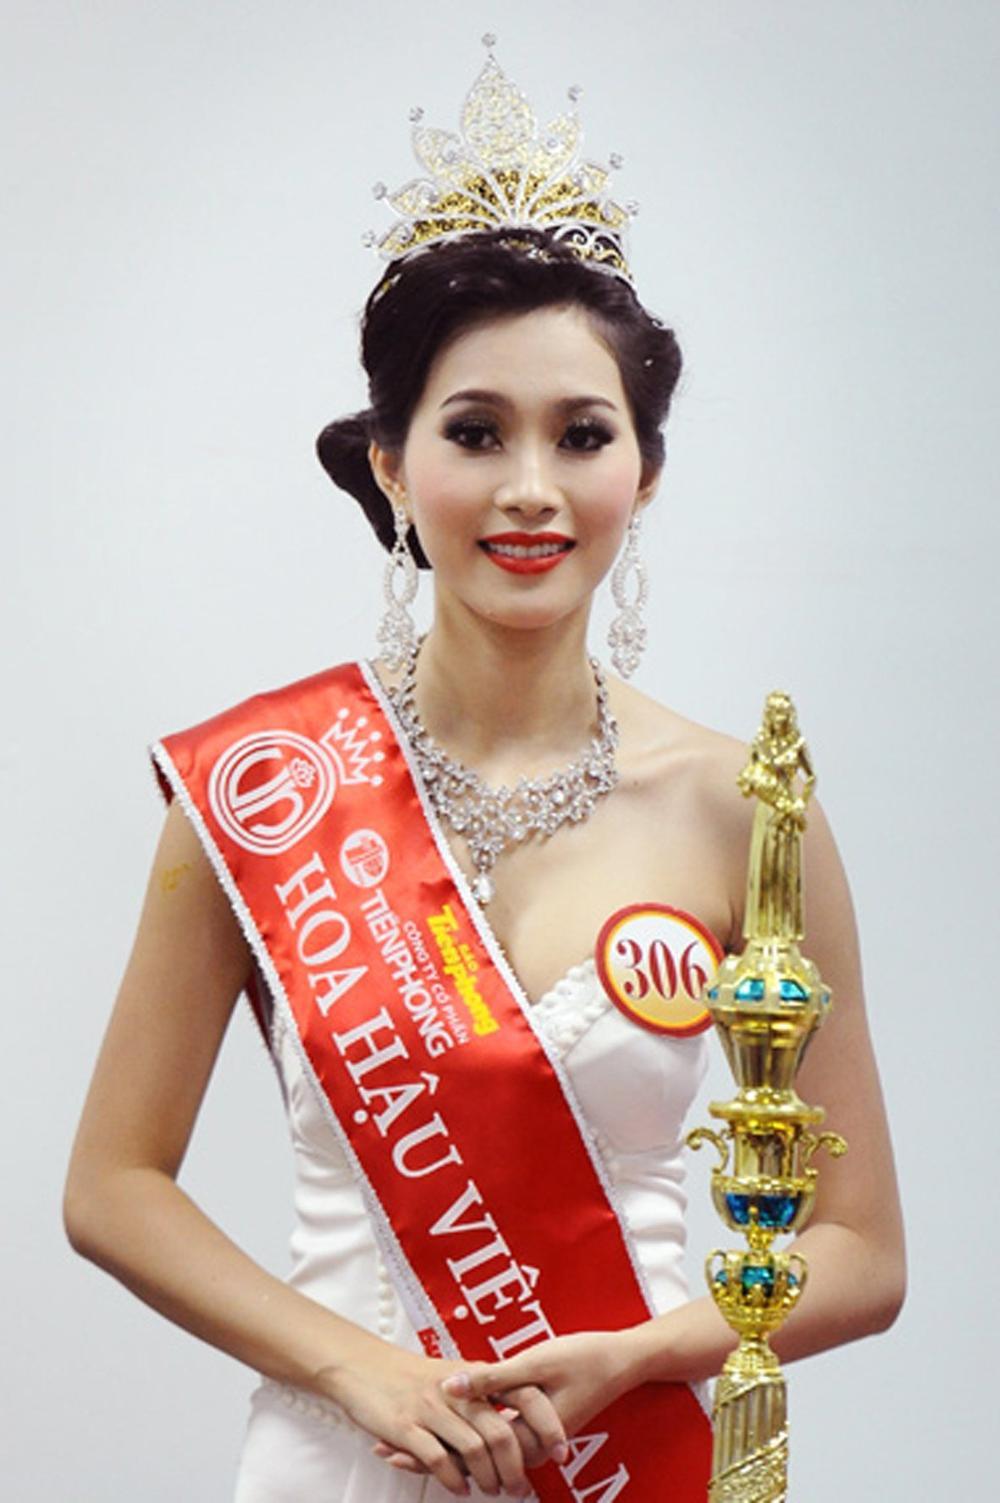 Vẻ đẹp thuần khiết của 16 cô gái thuở mới đăng quang Hoa hậu Việt Nam: Chờ đợi nhan sắc kế nhiệm Tiểu Vy Ảnh 8